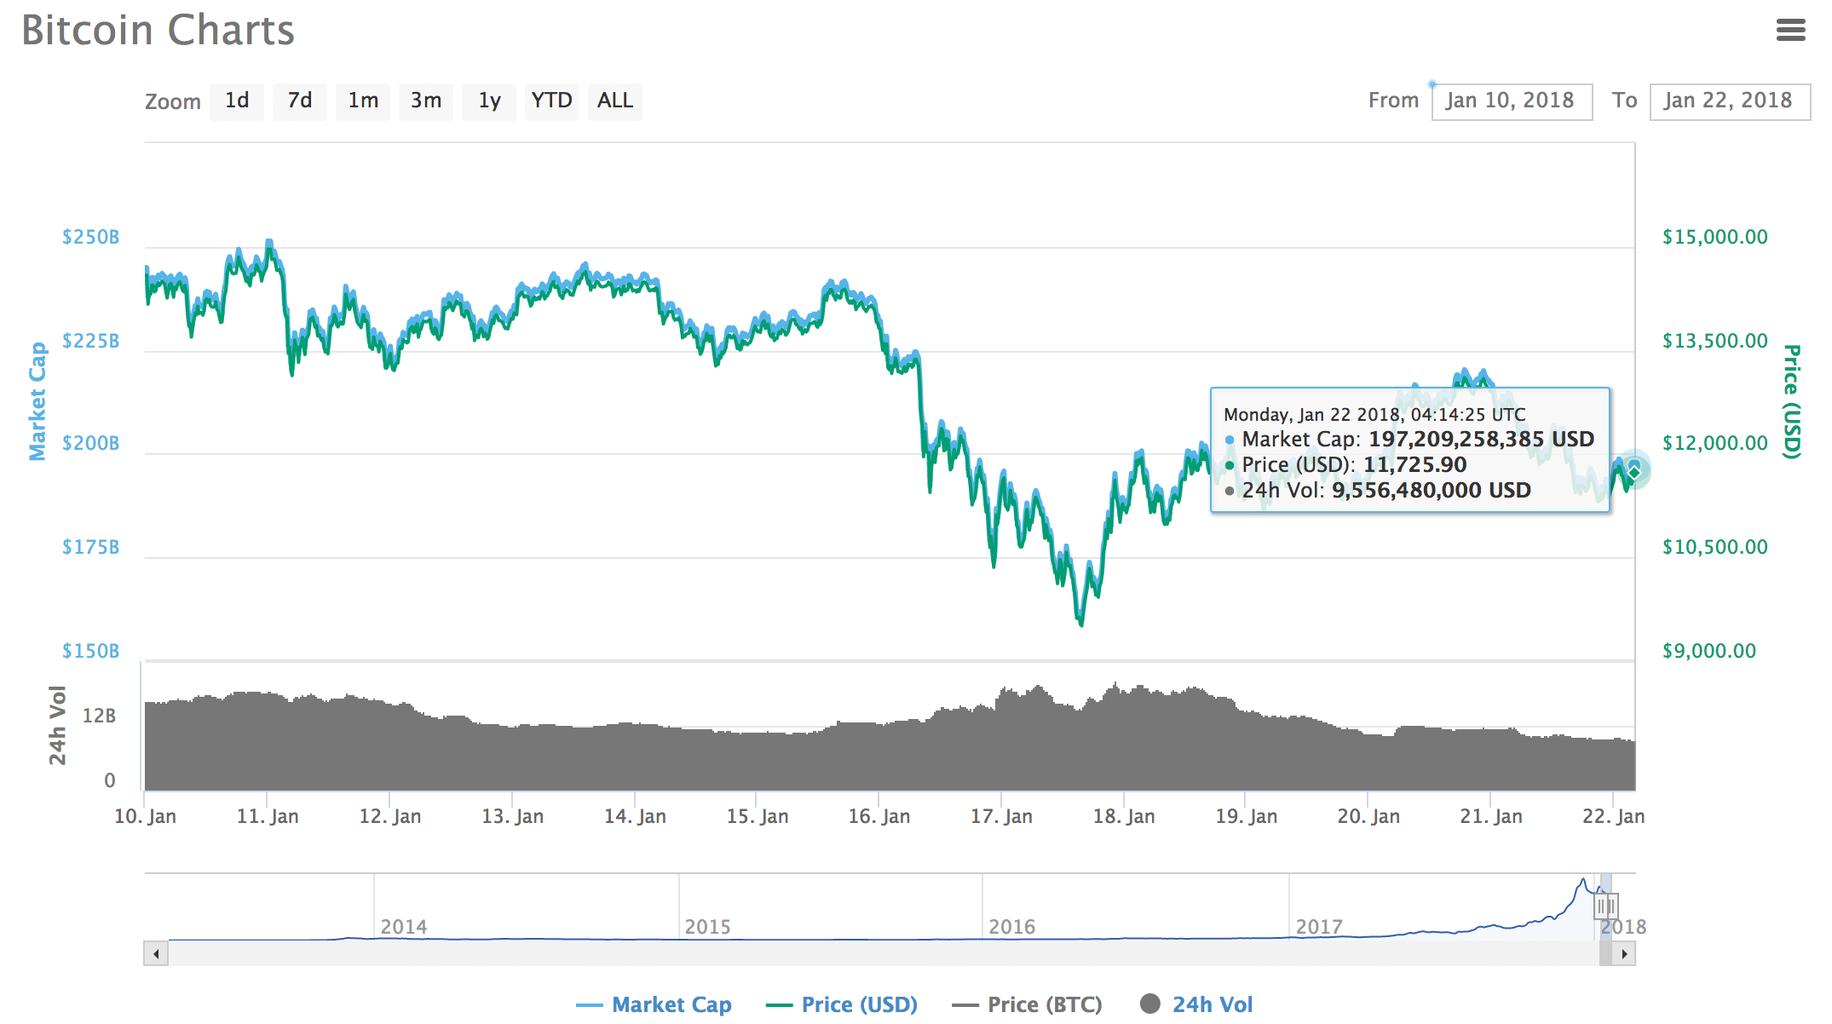 ウォールストリートのベテランPeter Boockvar氏「ビットコインの価値は90%下落する可能性がある」